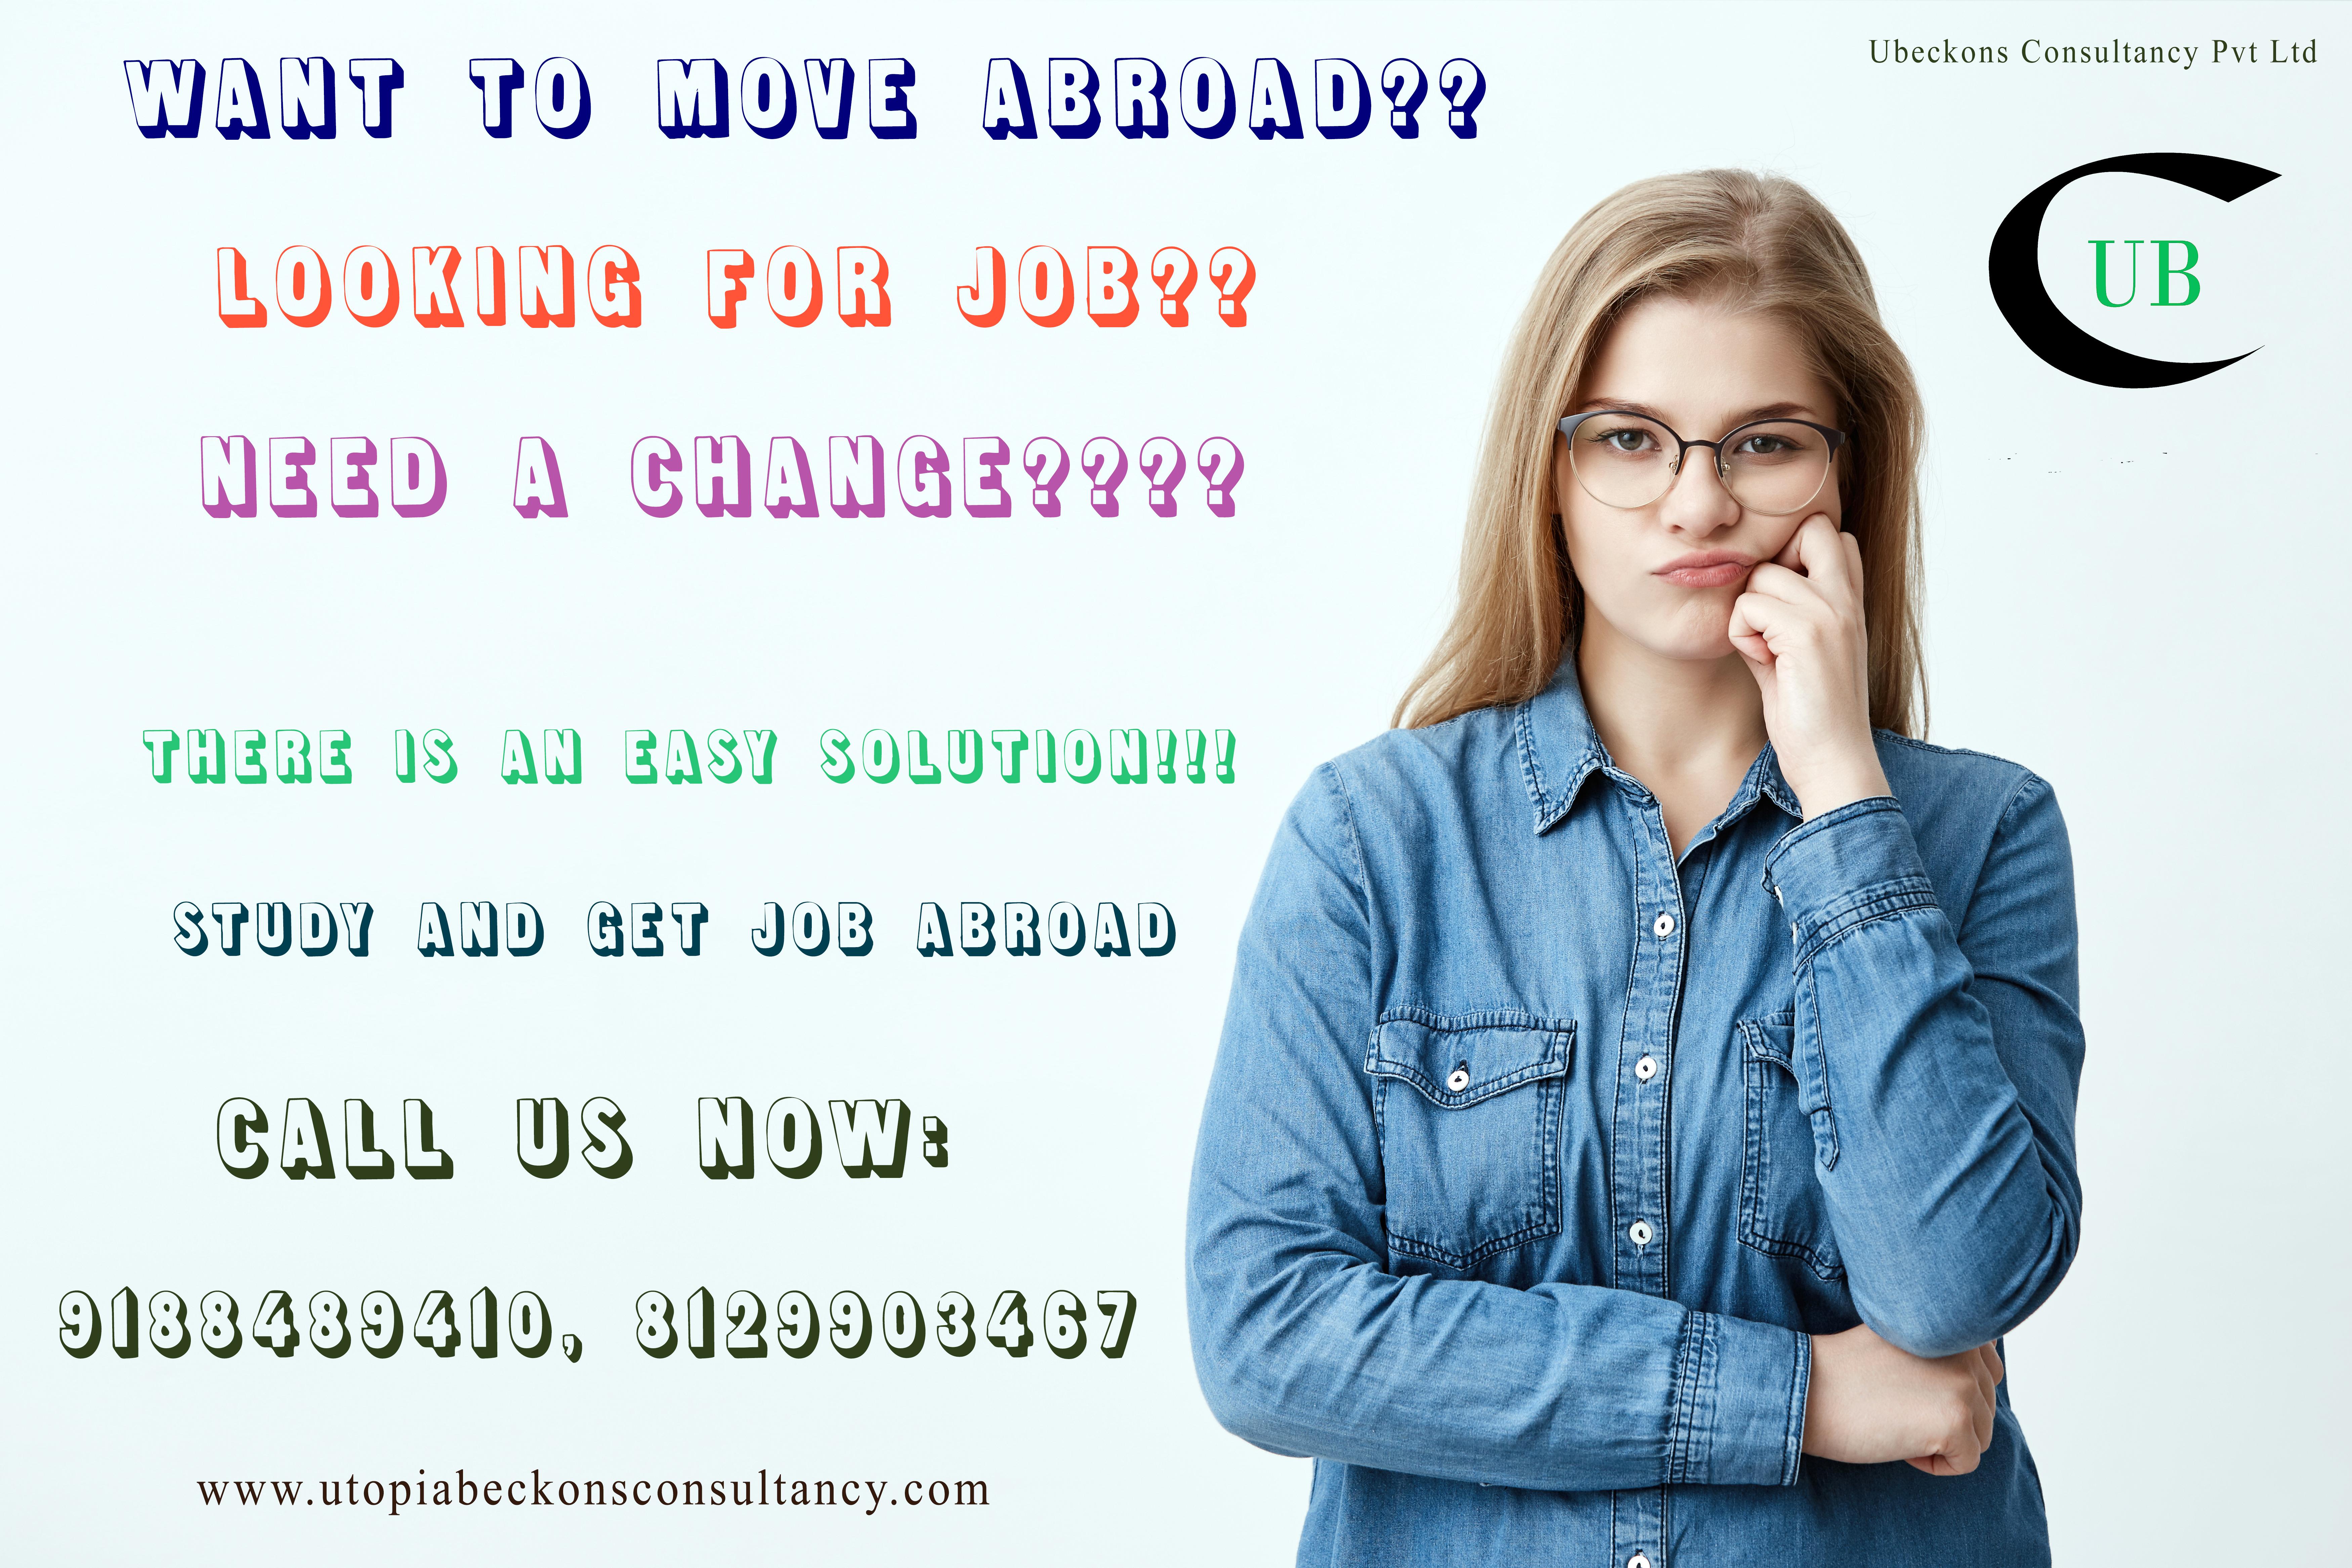 study ad